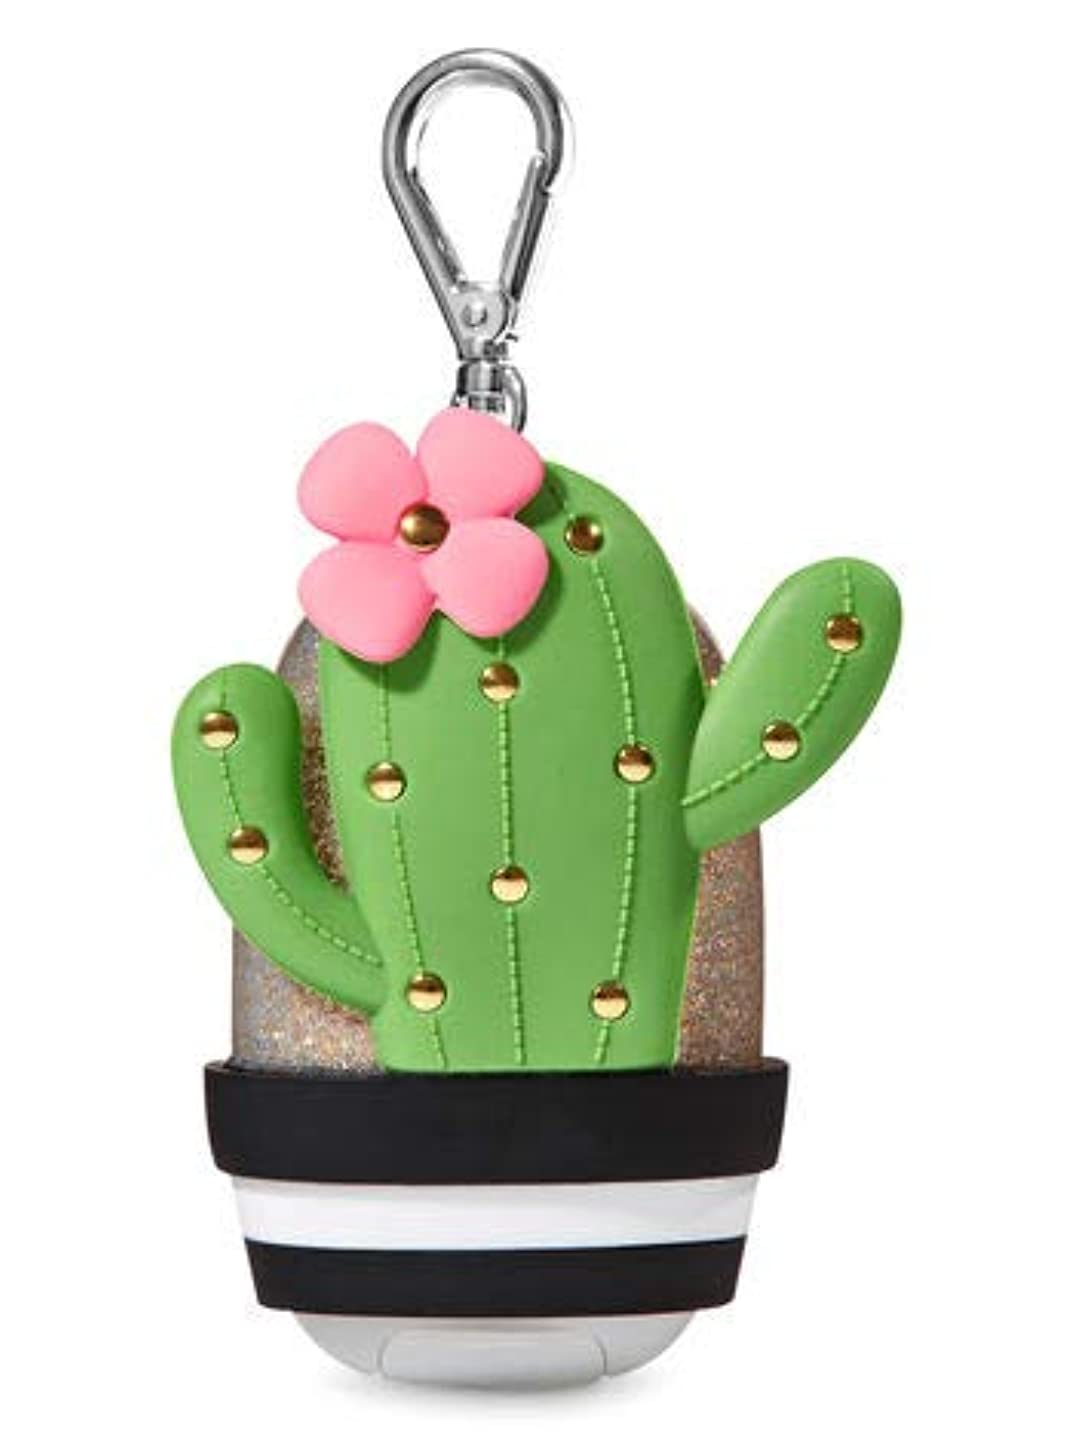 休憩剛性徹底【Bath&Body Works/バス&ボディワークス】 抗菌ハンドジェルホルダー カクタス Pocketbac Holder Cactus [並行輸入品]